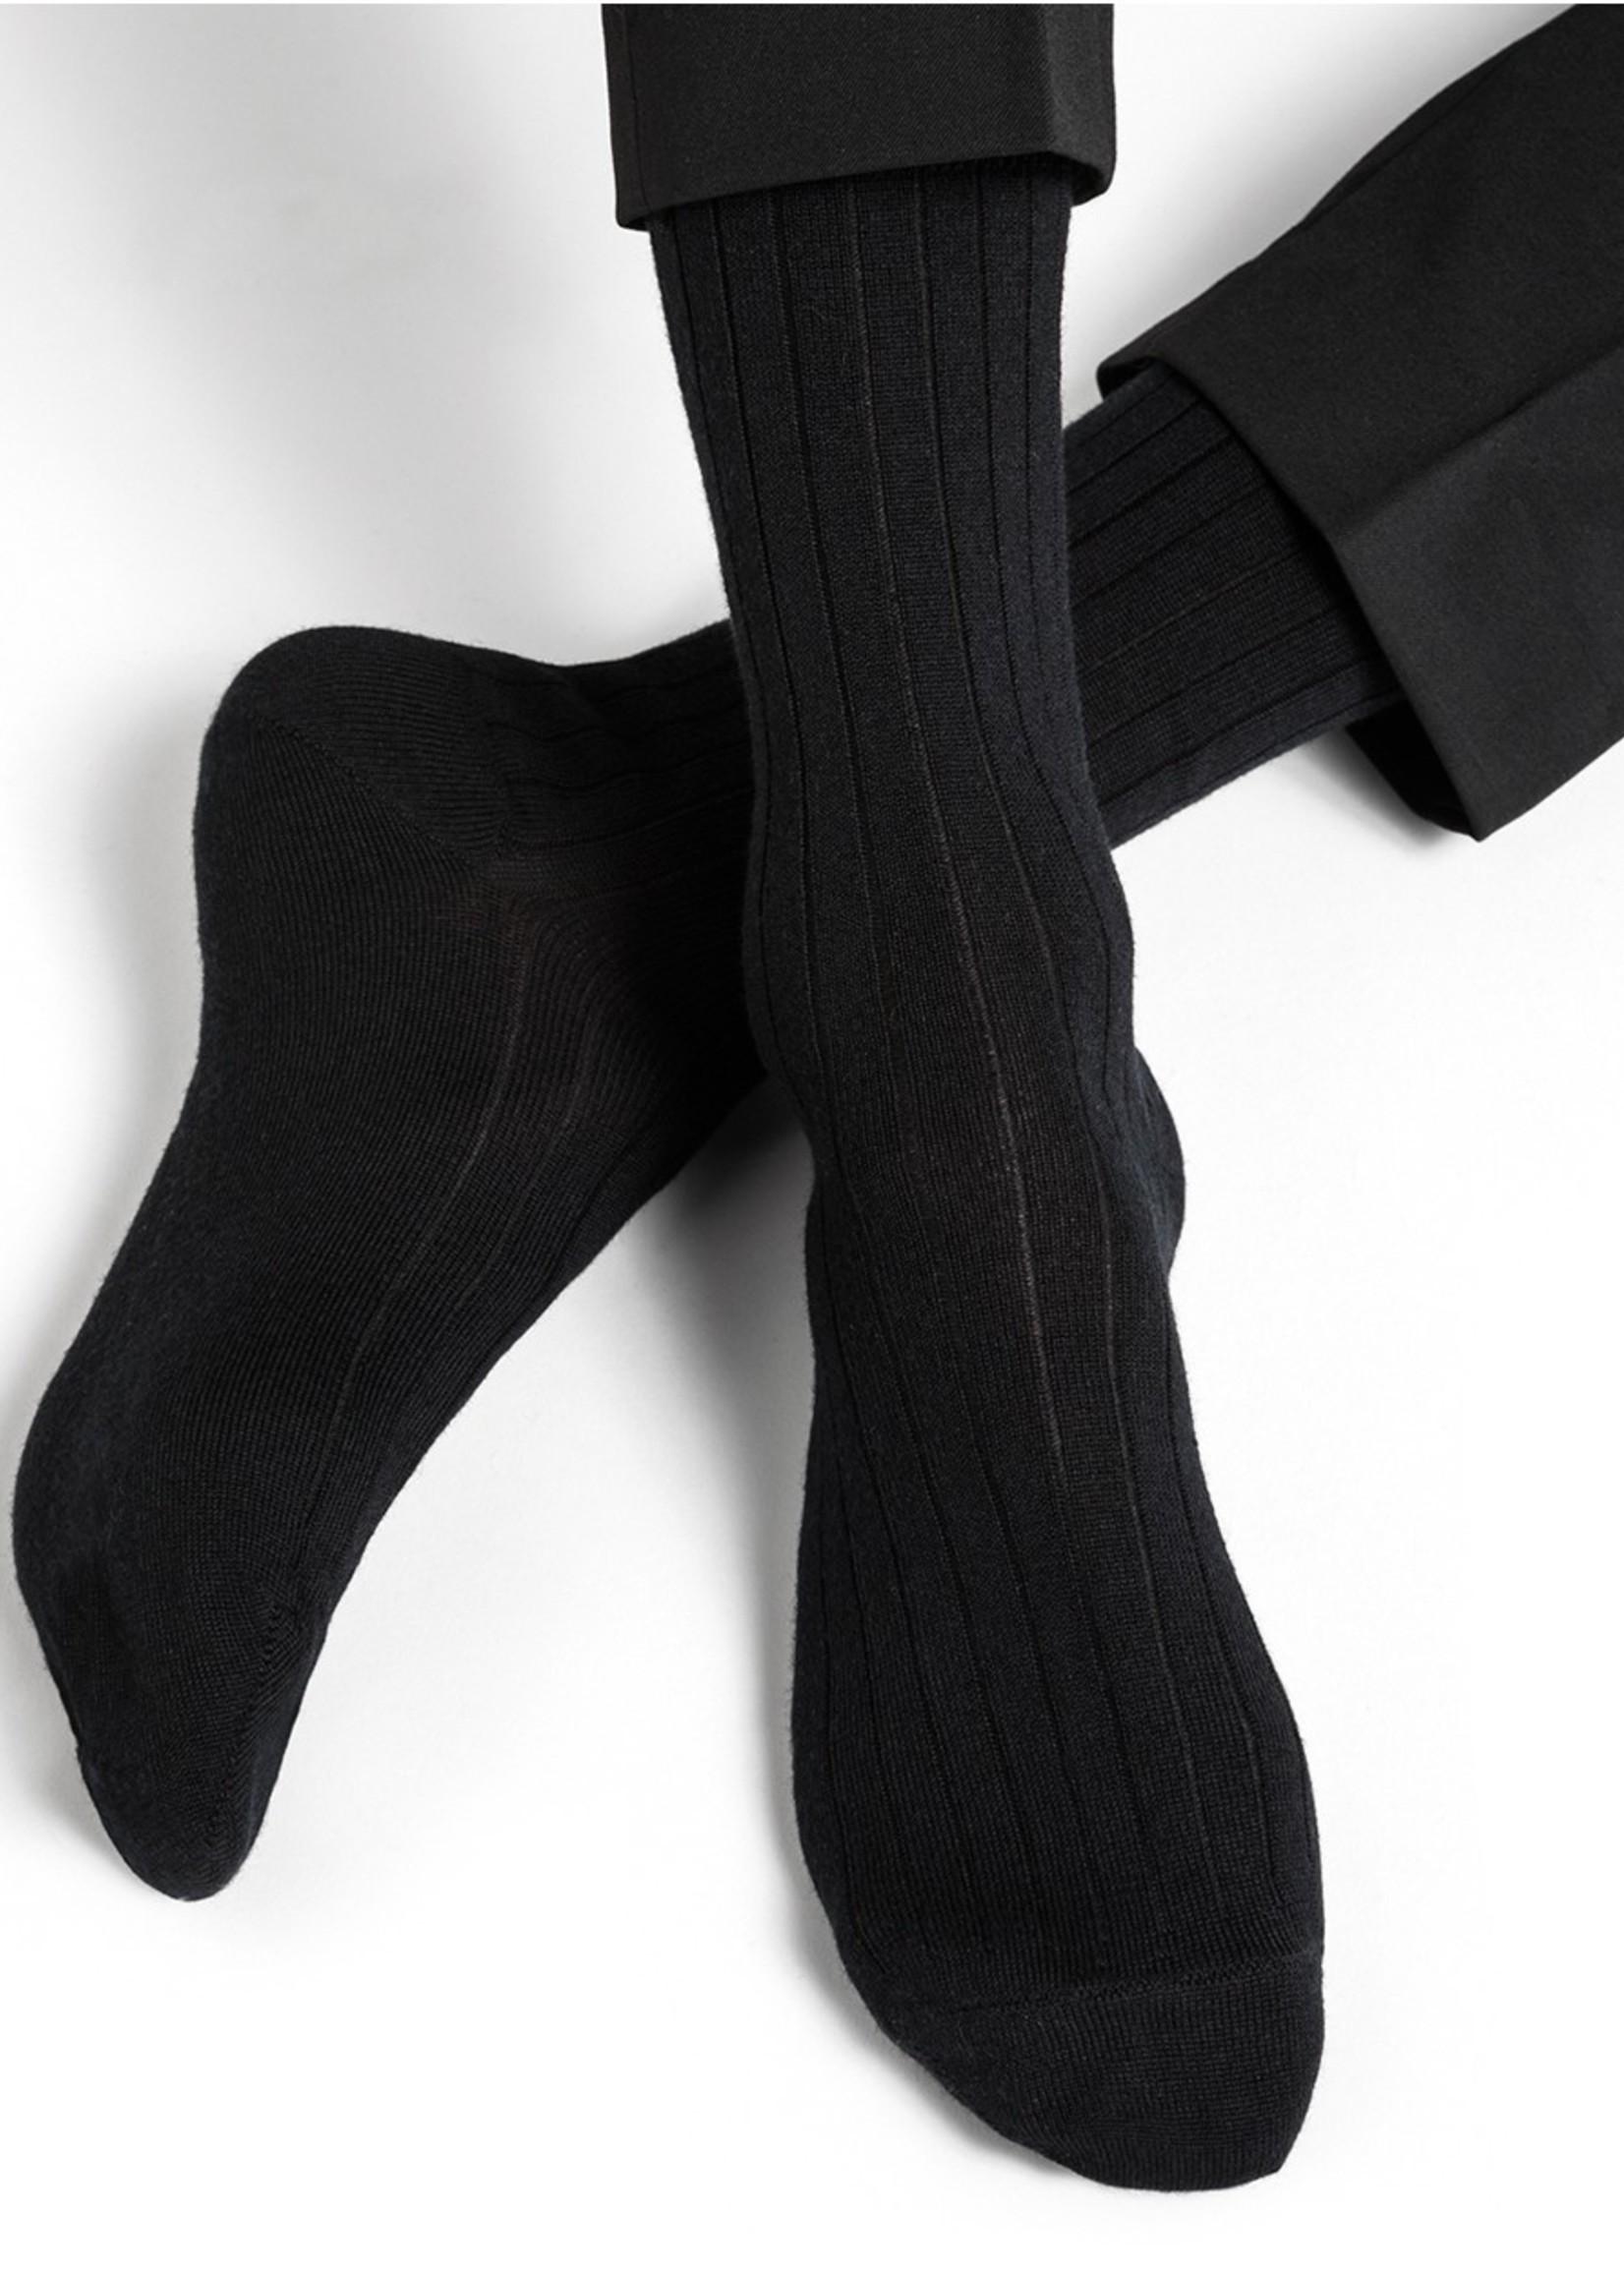 Bleuforet Men's Ribbed Merino Wool / Cotton Inside Sock